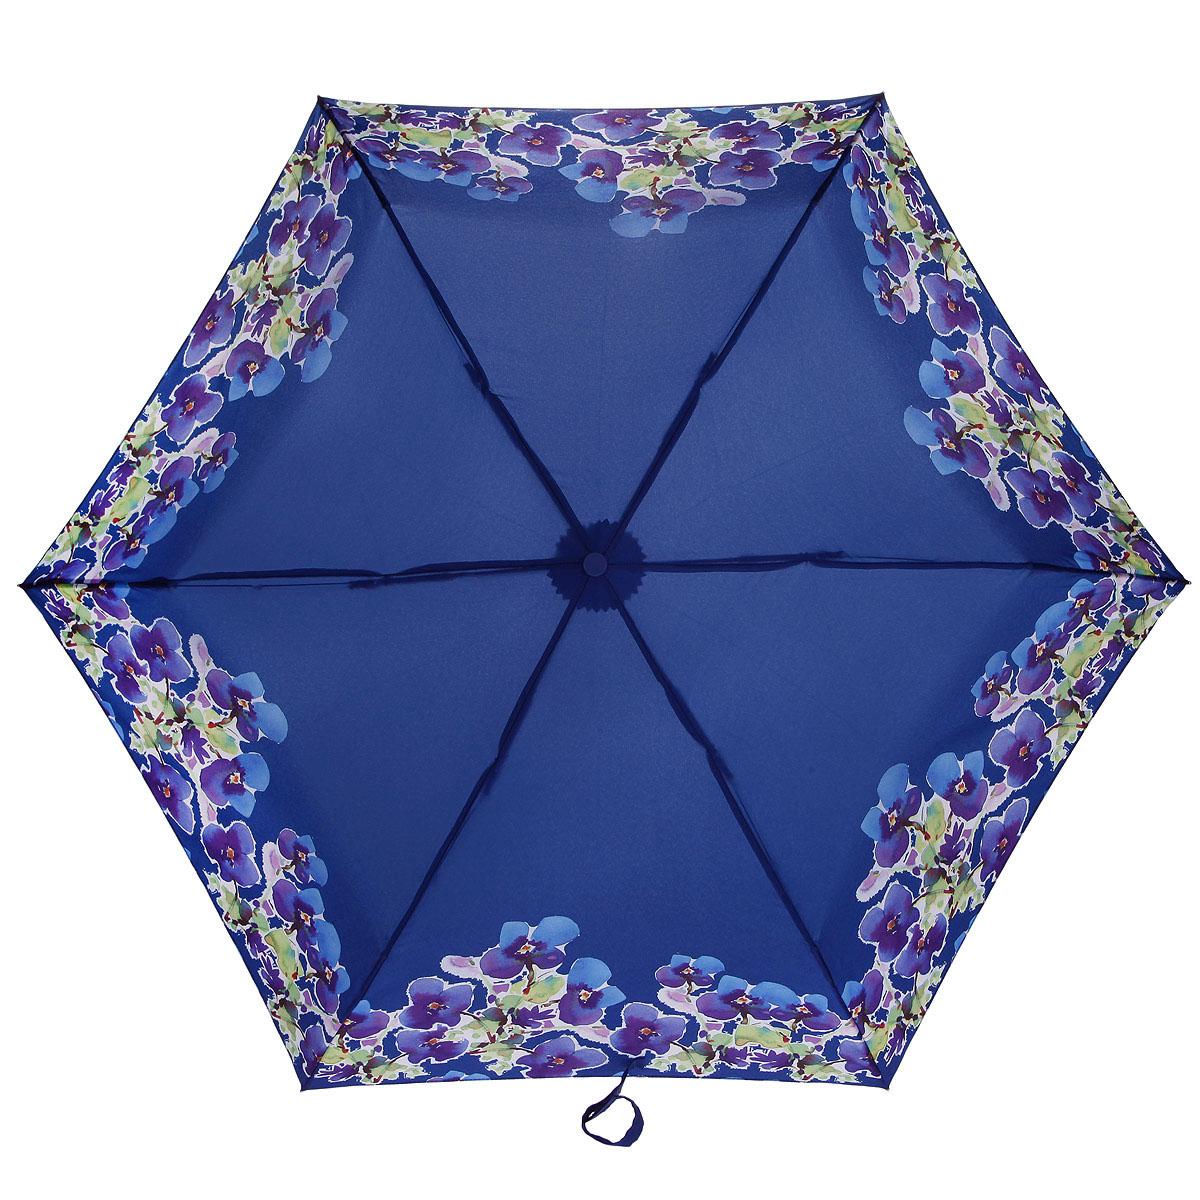 Зонт женский Fulton Superslim-2 Round. Watercolour Fusion, механический, 3 сложения, цвет: синий, зеленый. L354-2822L553-2822Модный механический зонт Superslim-2 Round. Watercolour Fusion даже в ненастную погоду позволит вам оставаться стильной и элегантной. Каркас зонта состоит из 6 спиц из фибергласса и металлического стержня. Купол зонта выполнен из прочного полиэстера и оформлен узором в виде акварели цветов. Изделие оснащено удобной рукояткой из пластика. Зонт механического сложения: купол открывается и закрывается вручную до характерного щелчка. Модель закрывается при помощи одного ремня с липучкой. К зонту прилагается чехол на липучке. Такой зонт не только надежно защитит вас от дождя, но и станет стильным аксессуаром, который идеально подчеркнет ваш неповторимый образ.